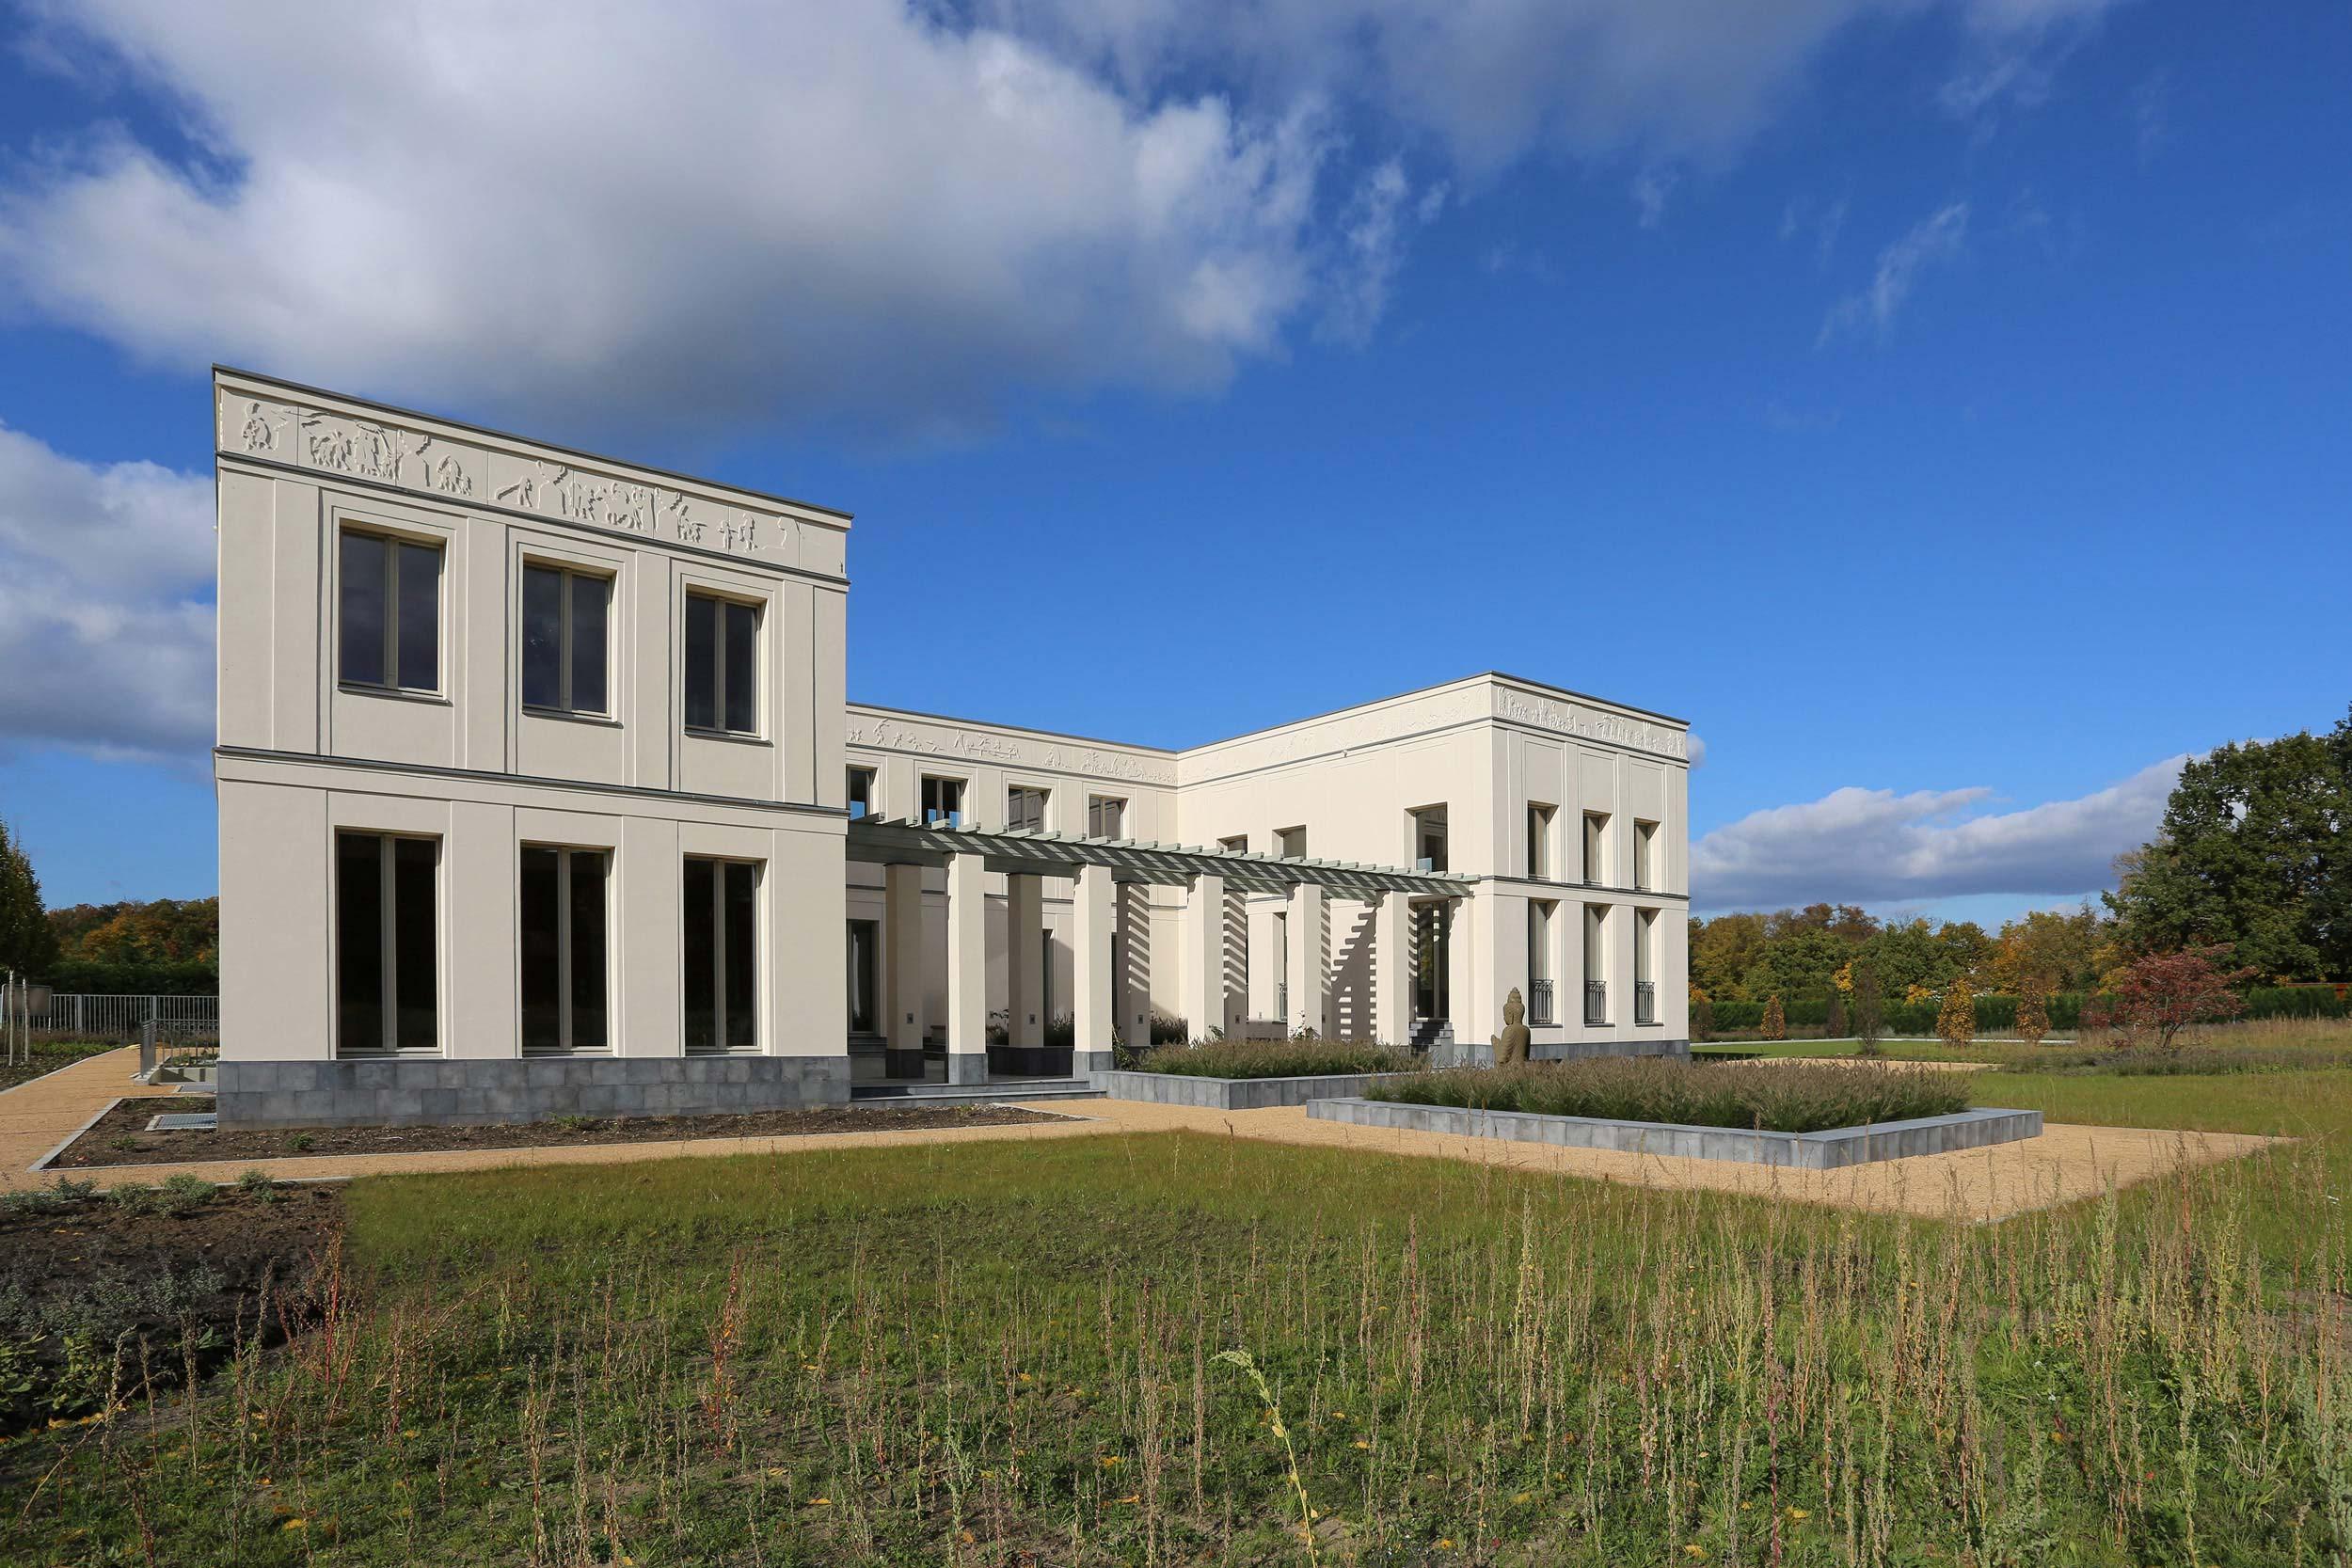 KLASSIK UND TRADITION - Neubau klassizistische Villa - Fein profilierte Gesimse, Pilaster und Faschen gliedern die Fassade.